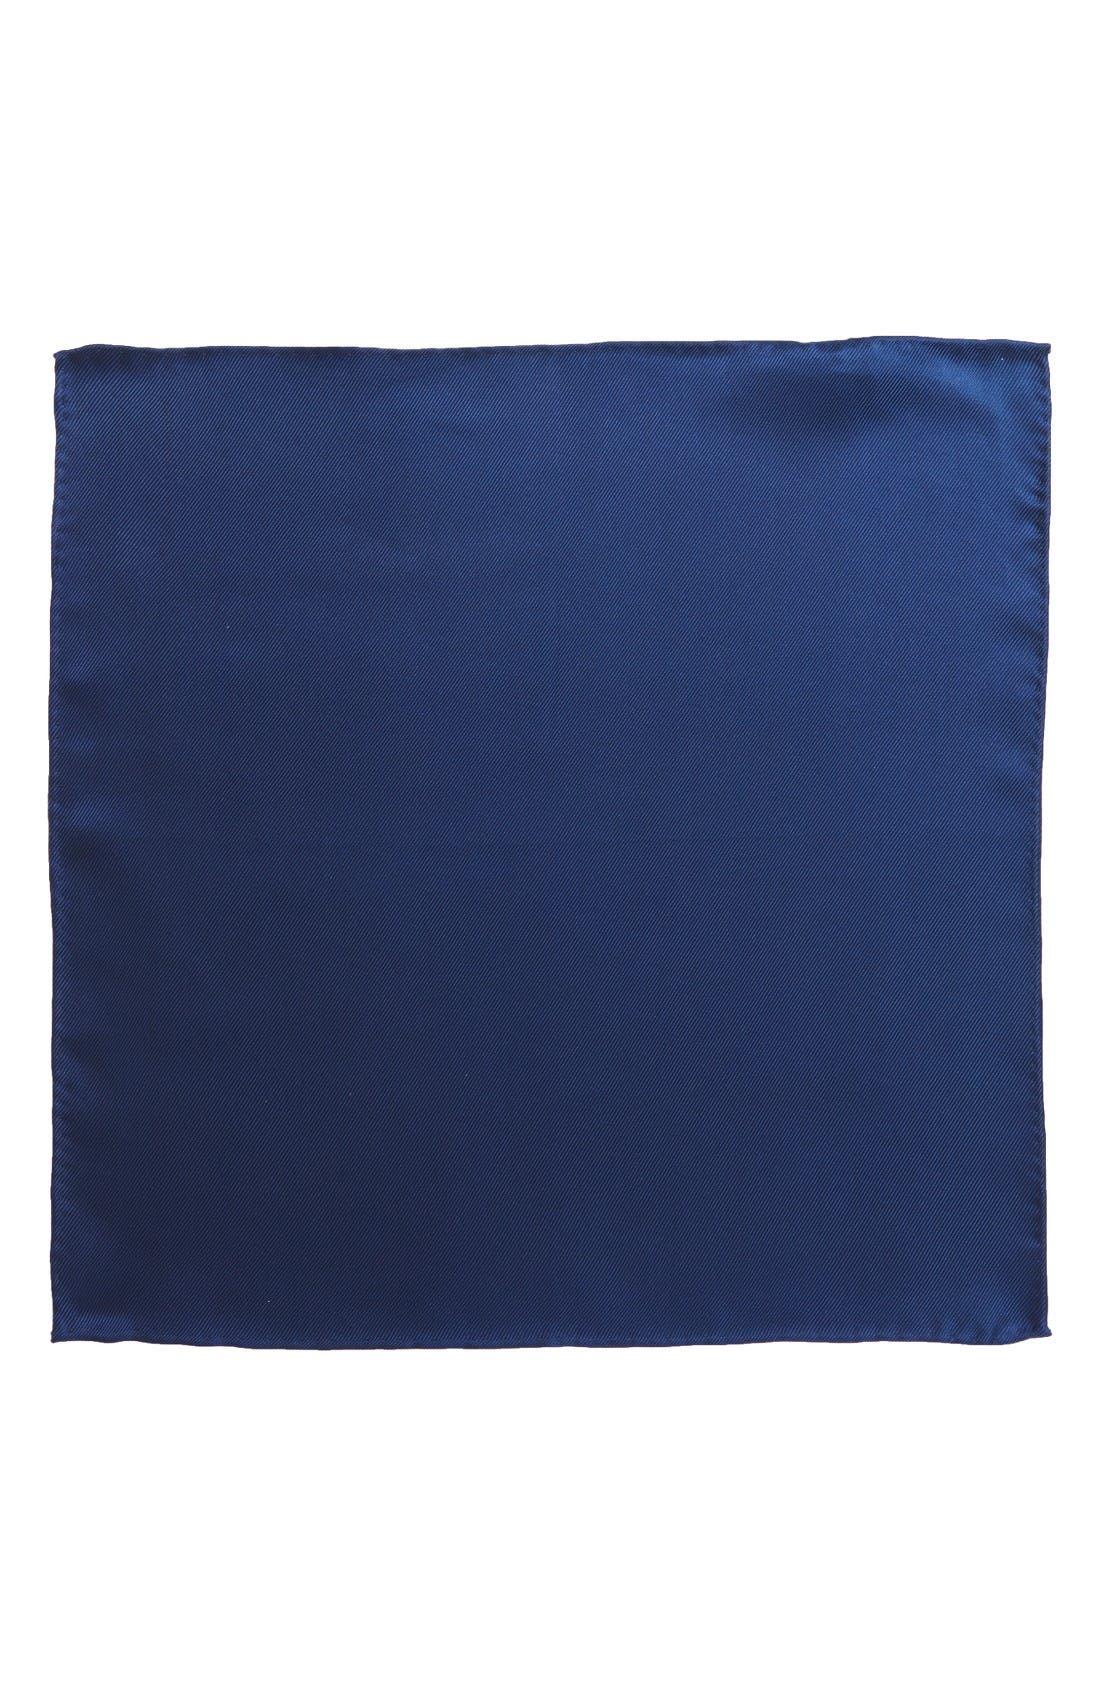 Alternate Image 2  - Nordstrom Men's Shop Solid Silk Pocket Square